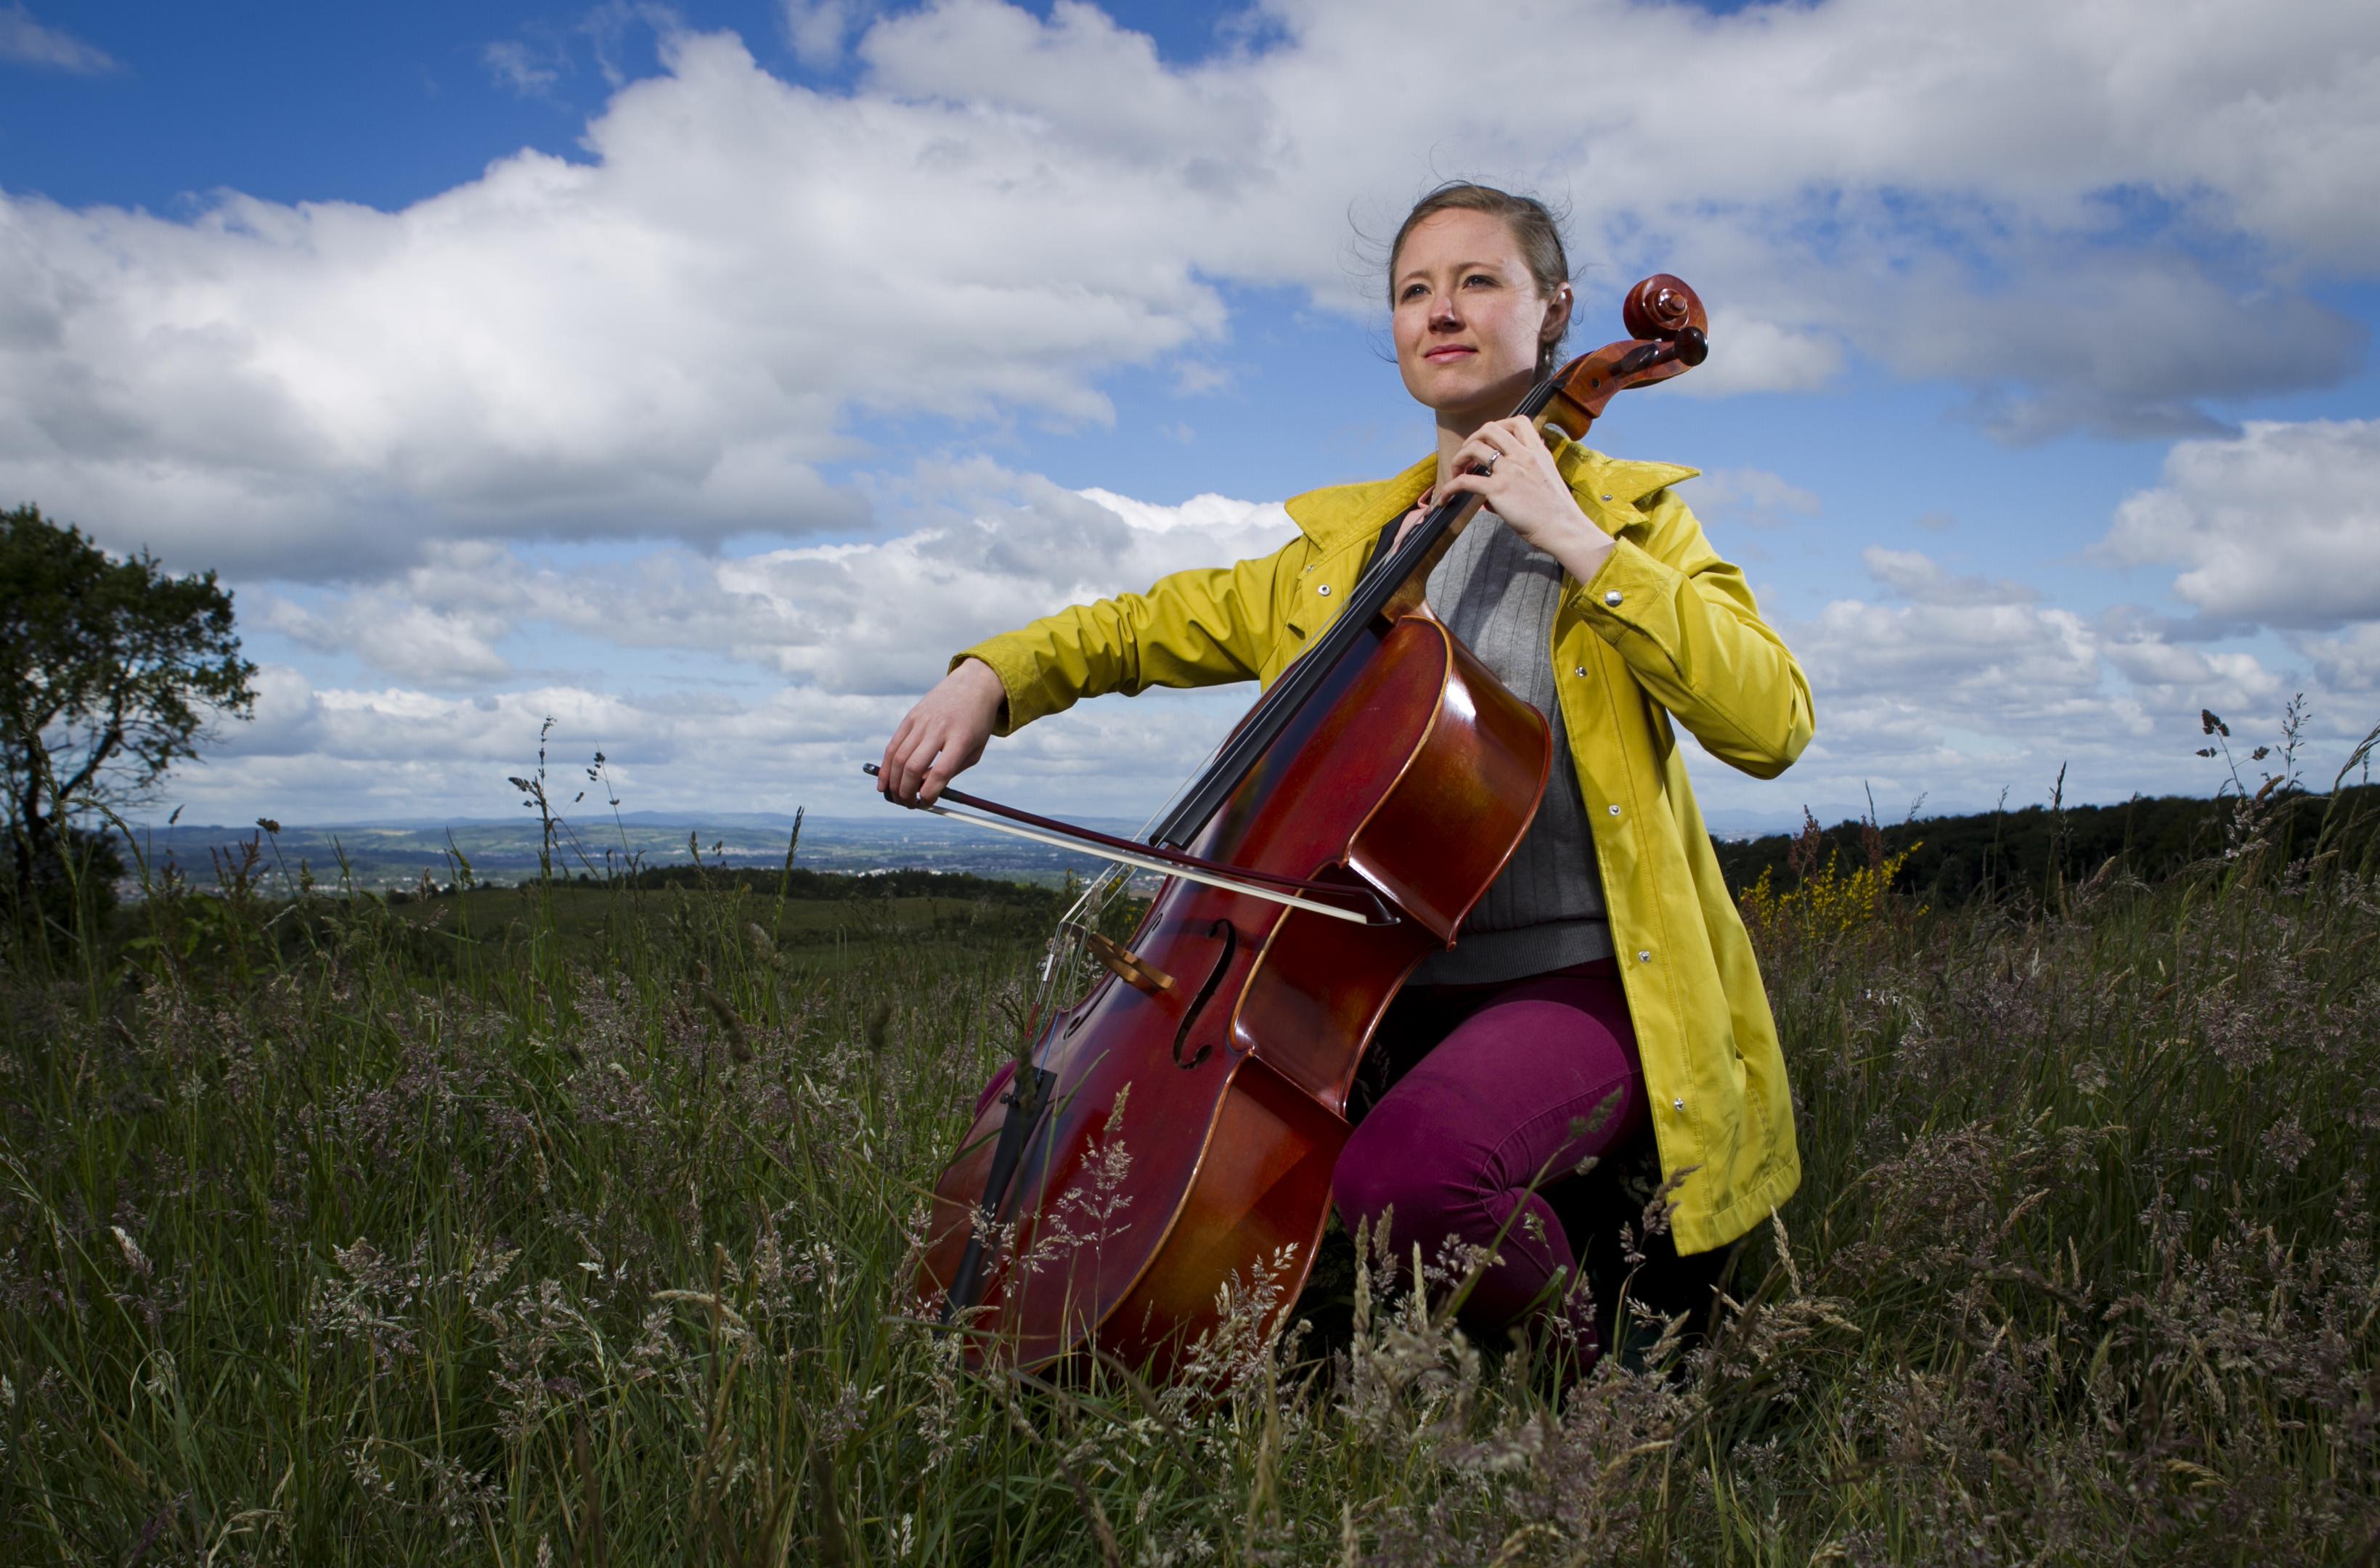 Cellist Heidi van der Swaagh on the Cathkin Braes last week (Andrew Cawley / DC Thomson)